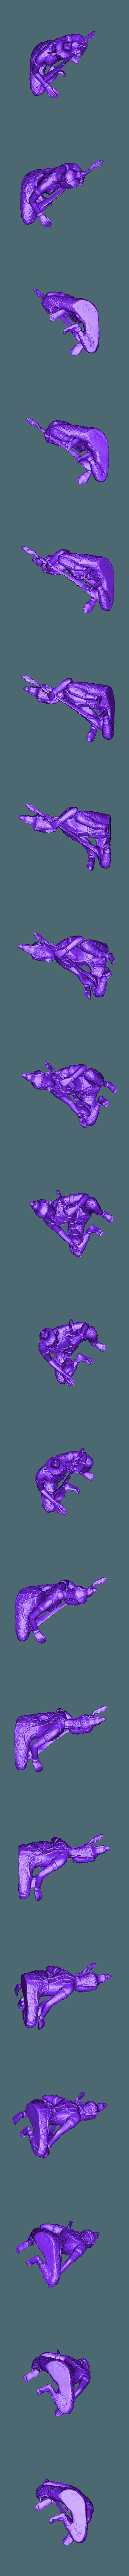 IndianGod.stl Télécharger fichier STL gratuit Sculpture de Dieu indien Scan 3D • Plan imprimable en 3D, 3DWP